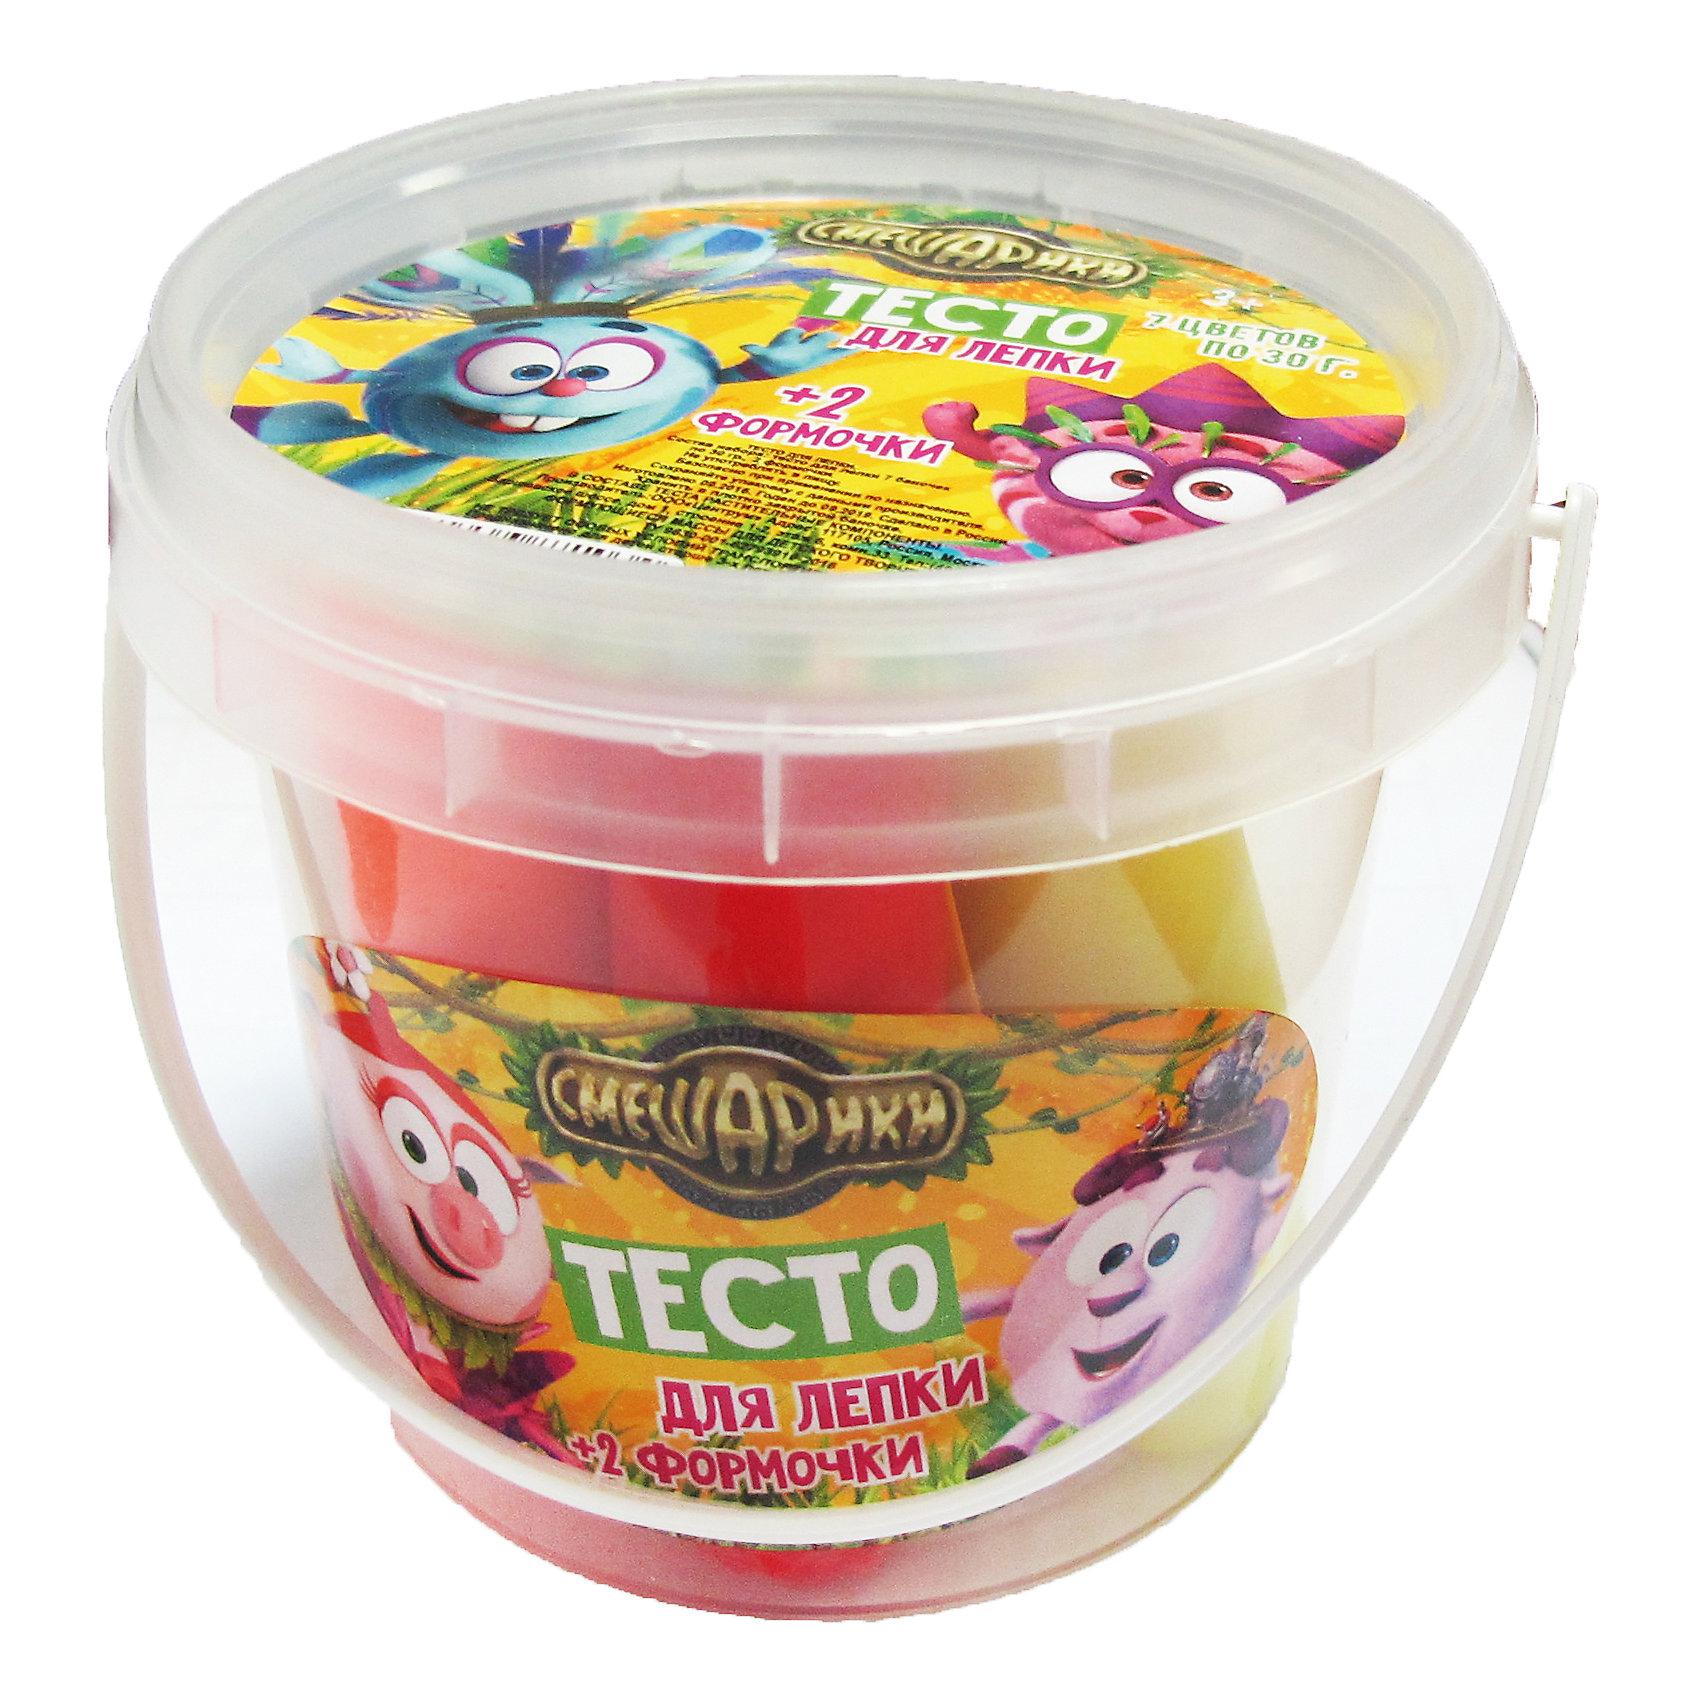 Тесто для лепки СмешарикиЛепка<br>Тесто для лепки Смешарики <br><br>Характеристики:<br><br>• В набор входит: пластиковое ведёрко, 7 упаковок по 30 гр., 2 формы<br>• Размер упаковки: 9*8,5*9 см.<br>• Вес: 235 г.<br>• Состав: тесто (кукурузный крахмал, пищевые красители); формы и ведёрко: пластик<br>• Для детей в возрасте: от 3-х лет<br>• Страна производитель: Китай<br><br>Тесто изготовлено на основе кукурузного крахмала, легко разминается и обладает яркими цветами. В набор входят нужные для лепки семь цветов, которые можно смешать между собой. Занимаясь лепкой дети развивают моторику рук, творческие способности, восприятие цветов и их сочетаний, а также лепка благотворно влияет на развитие речи, координацию движений, память и логическое мышление. Лепка всей семьей поможет весело и с пользой провести время!<br><br>Тесто для лепки Смешарики можно купить в нашем интернет-магазине.<br><br>Ширина мм: 90<br>Глубина мм: 90<br>Высота мм: 85<br>Вес г: 235<br>Возраст от месяцев: 36<br>Возраст до месяцев: 2147483647<br>Пол: Унисекс<br>Возраст: Детский<br>SKU: 5478226